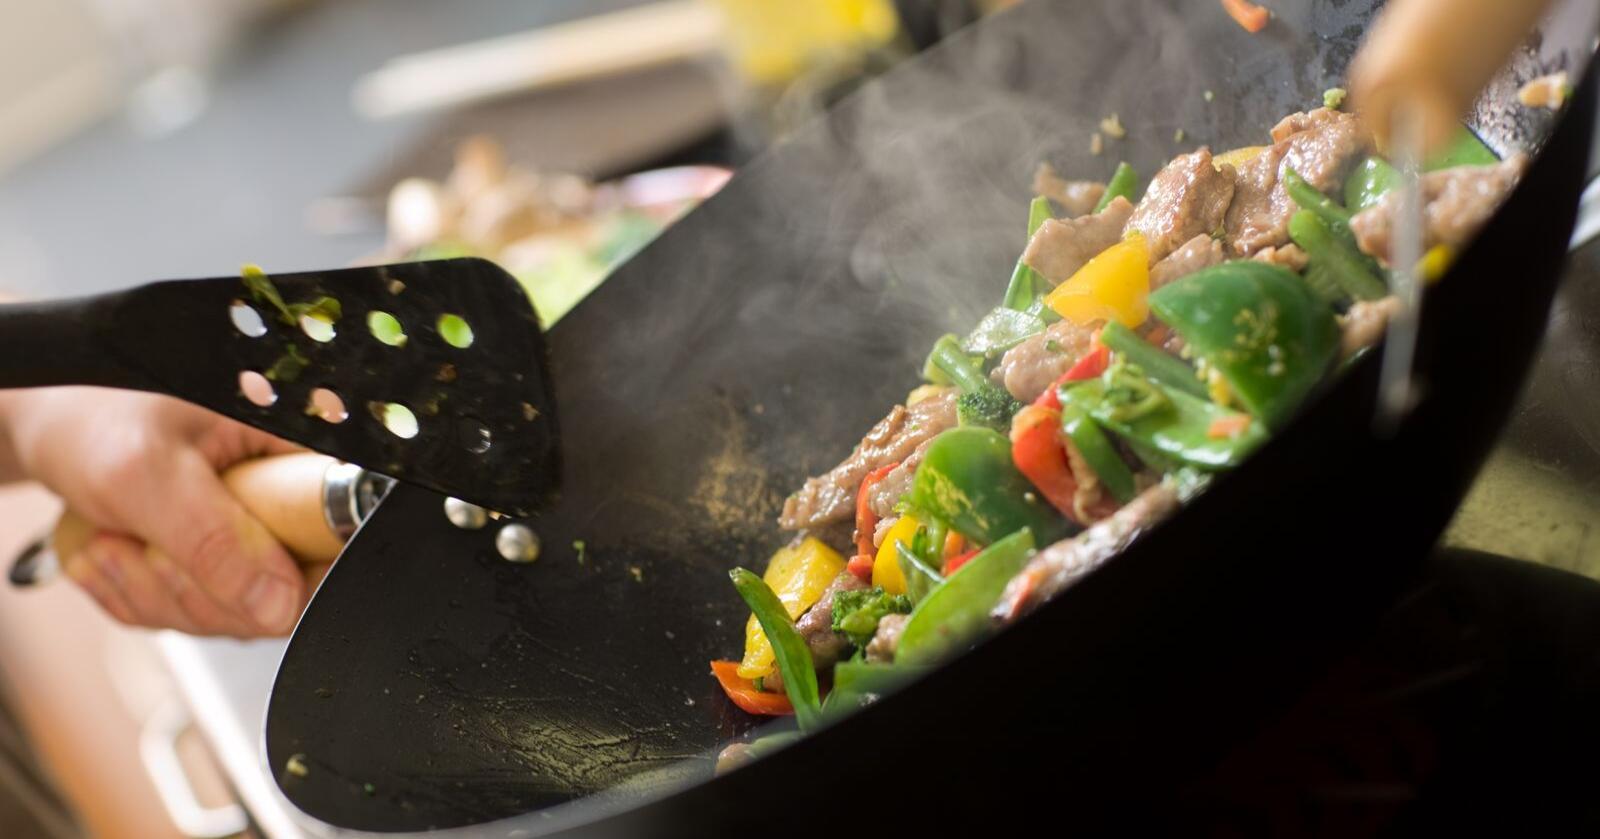 Hvis gjennomsnittsnordmannen halverer kjøttforbruket så kan det gjøres ved å beholde søndagsmiddagen med steik av storfe, ha en middag med svinekjøtt og en middag med kylling per uke, skriver forfatterne av kronikken. Foto: Mostphotos